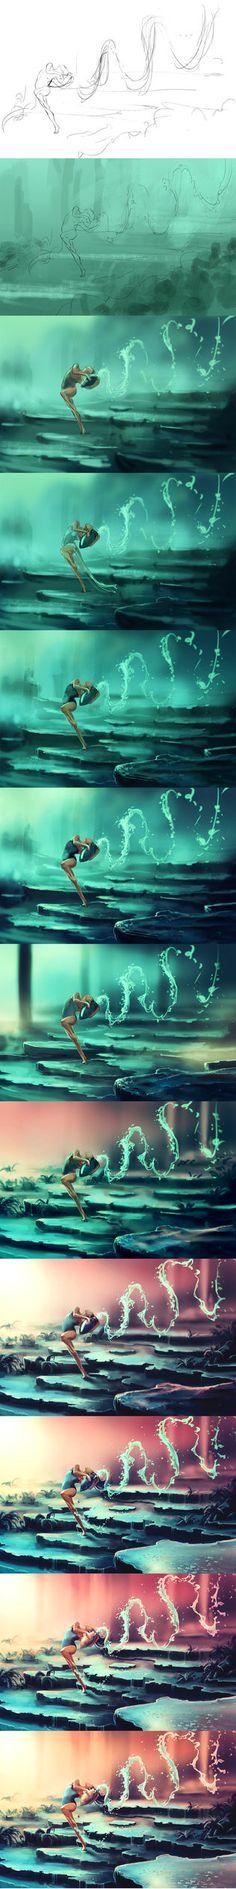 WIp of Dancing Zodiac AQUARIUS by AquaSixio.deviantart.com on @DeviantArt